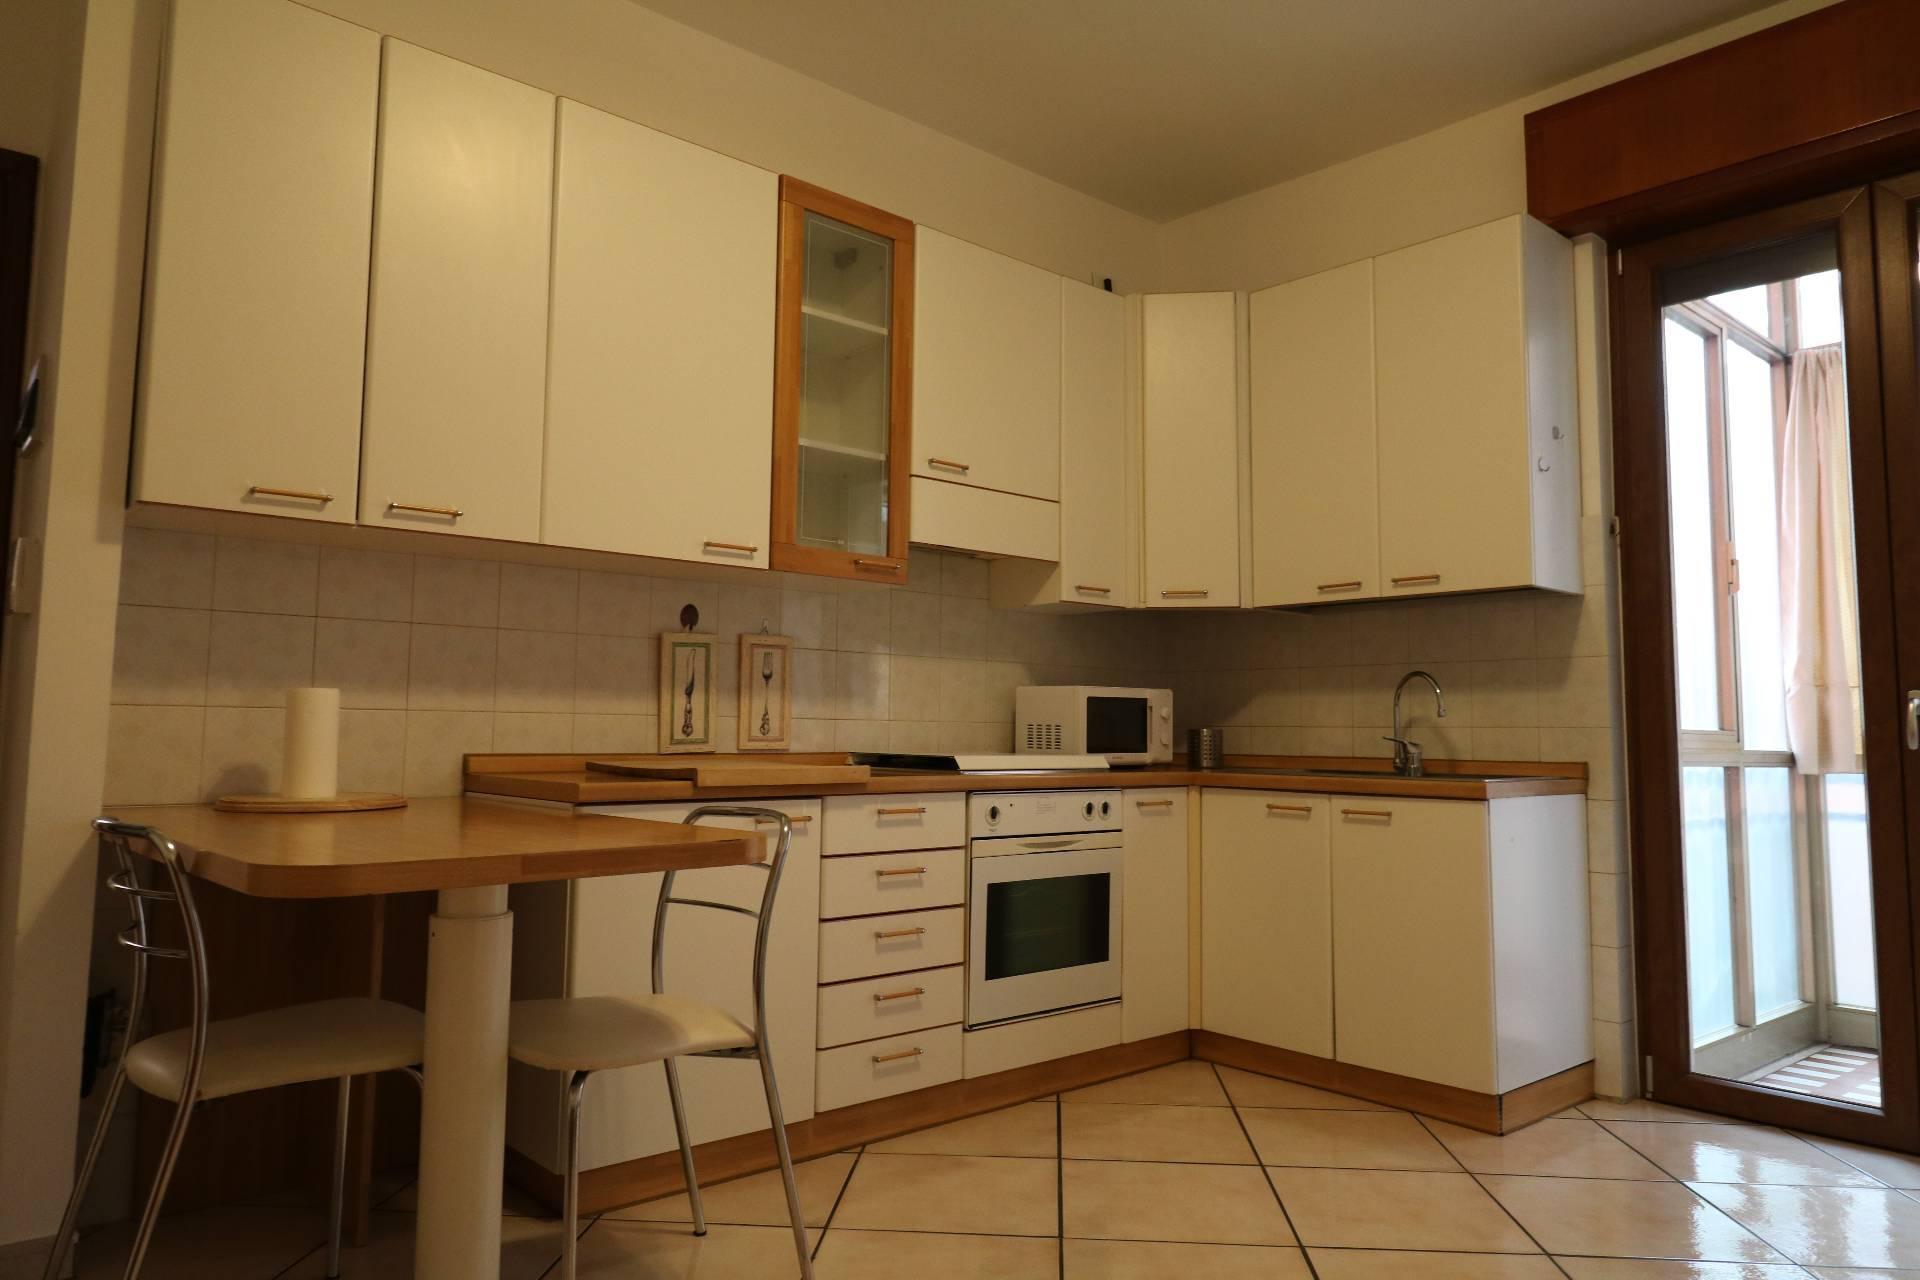 Appartamento in affitto a Verona, 3 locali, zona Località: BorgoTrento, prezzo € 700 | PortaleAgenzieImmobiliari.it